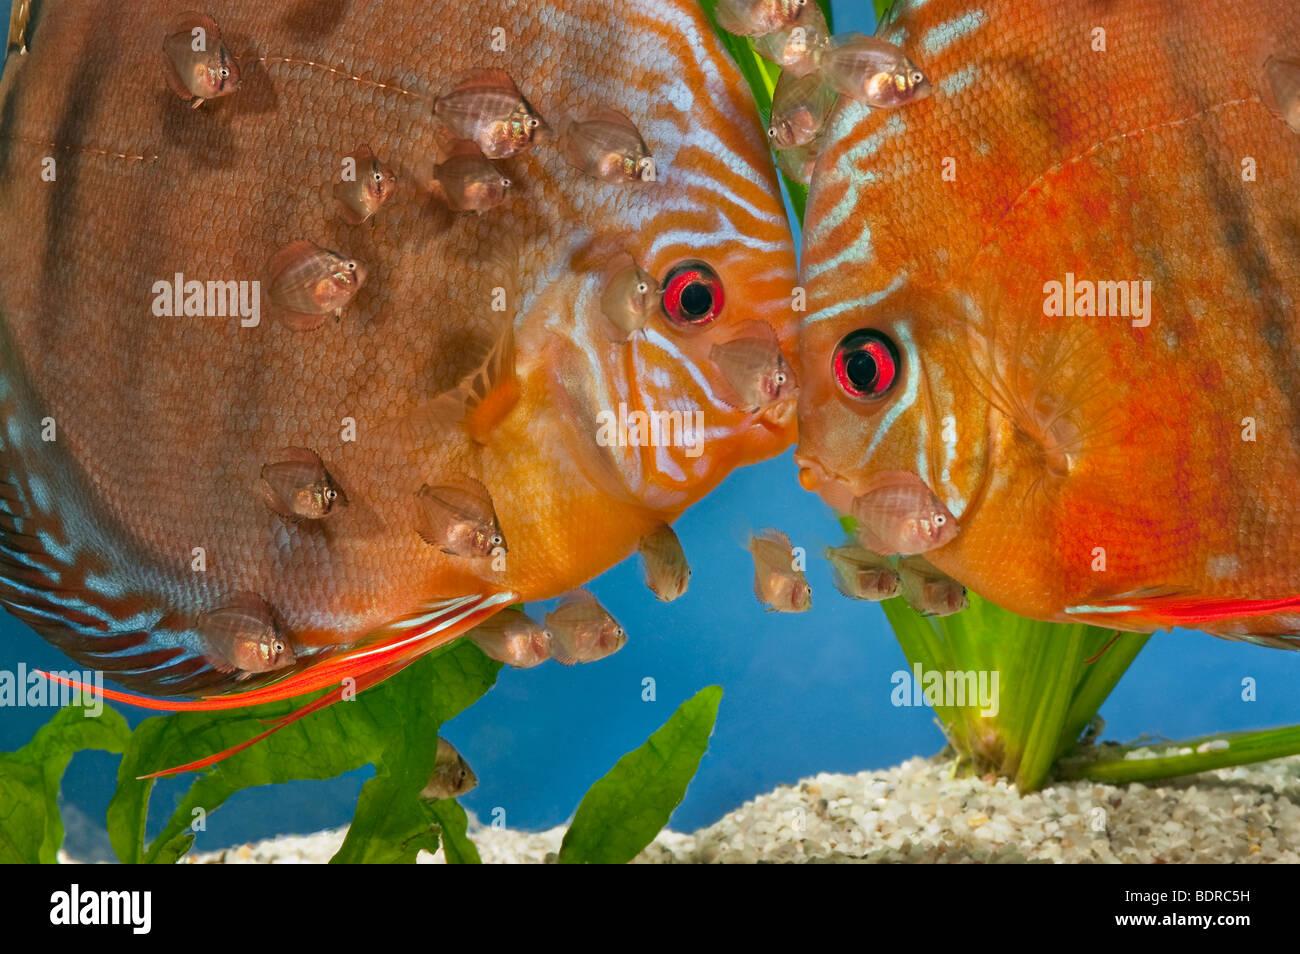 Pompadour Fish Stock Photos & Pompadour Fish Stock Images